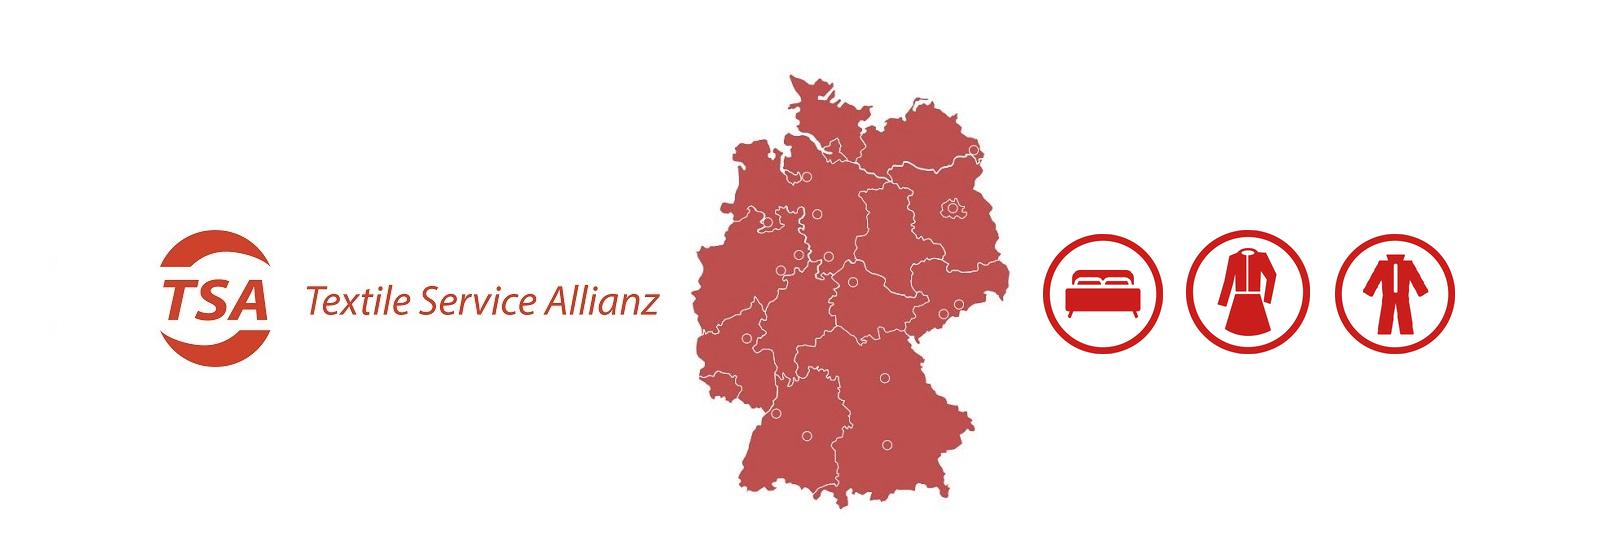 TSA Textile Service Allianz - Textile Vollversorgung - Verbund